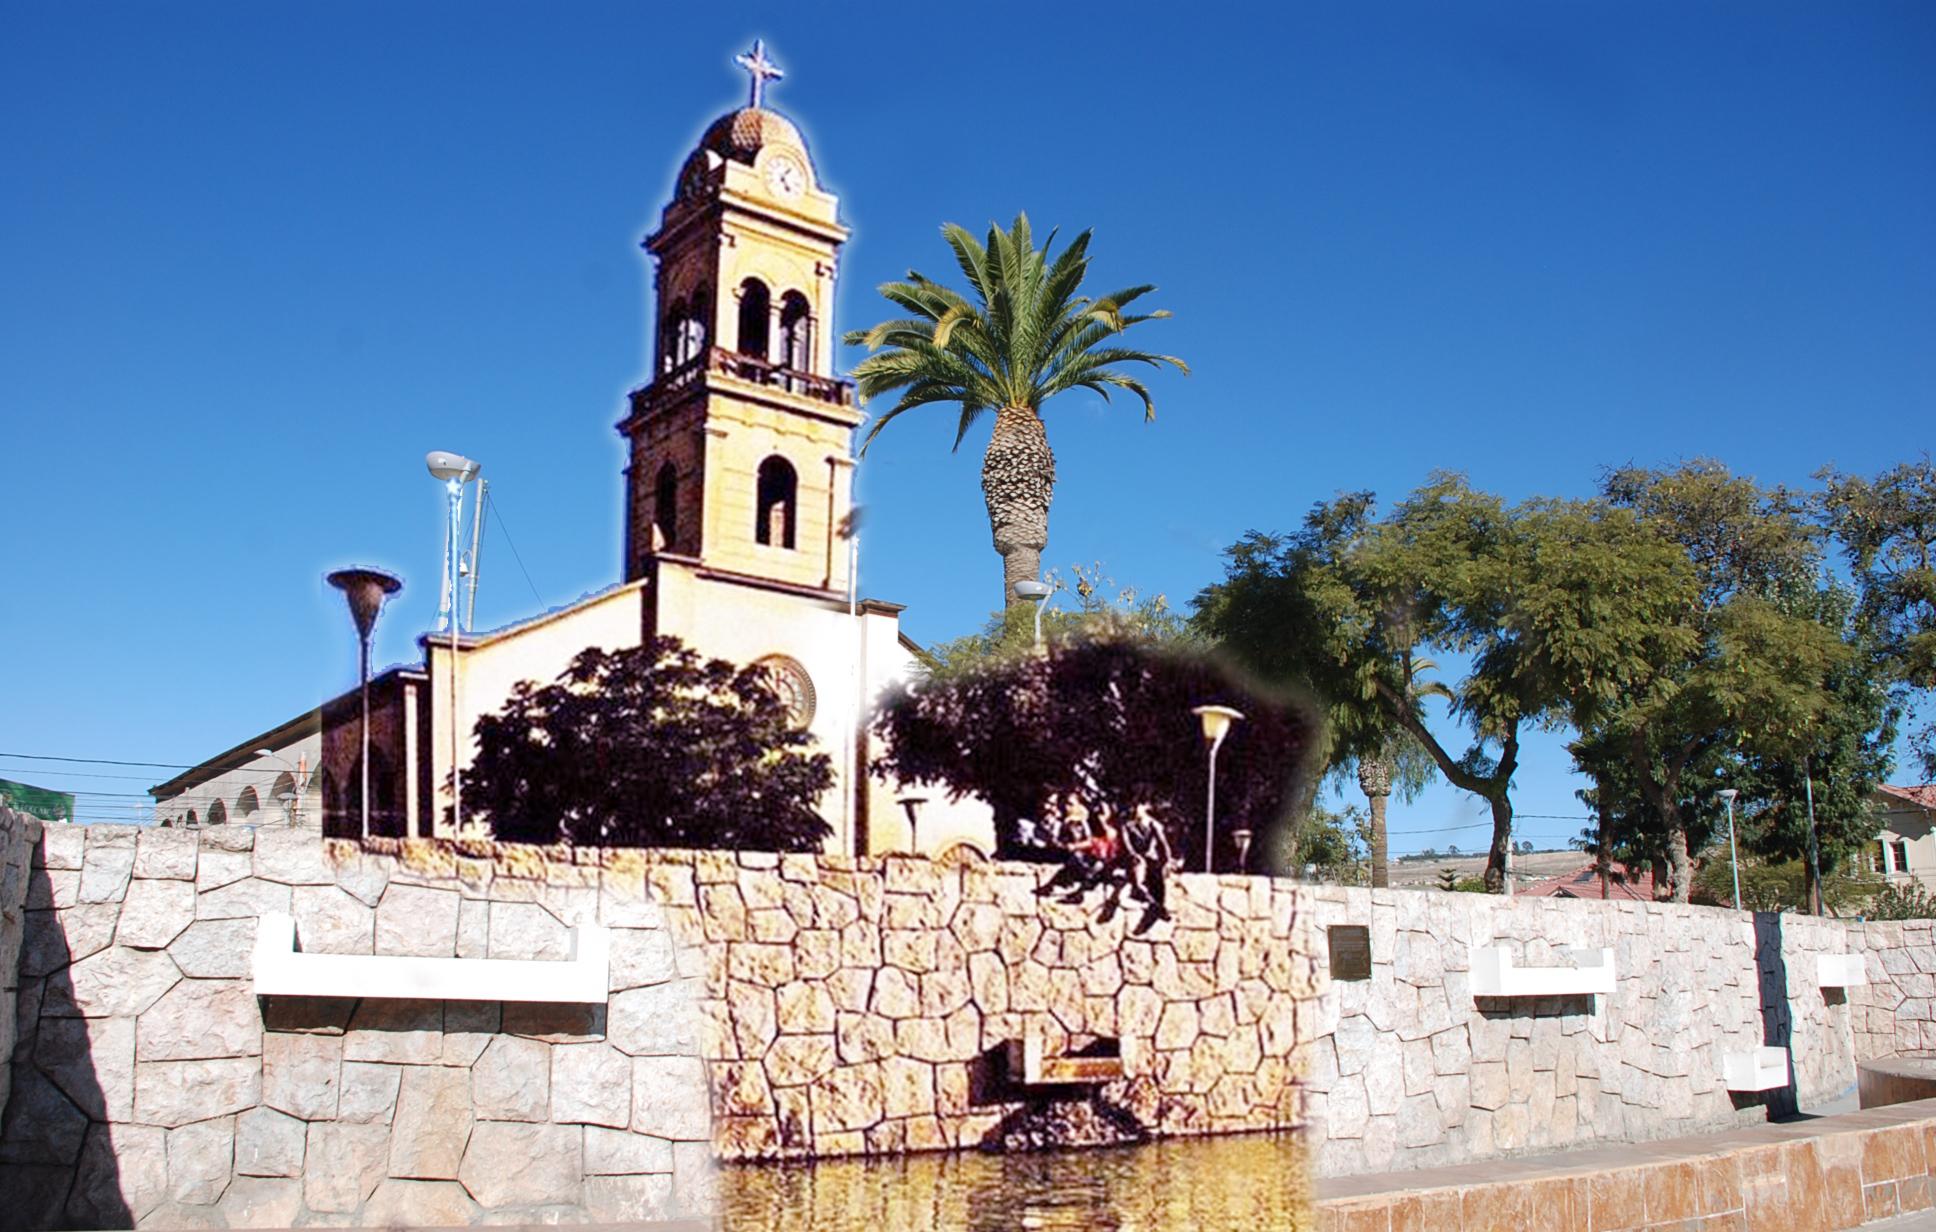 Muestra fotográfica trae desde el pasado nostalgicas imágenes de Vallenar